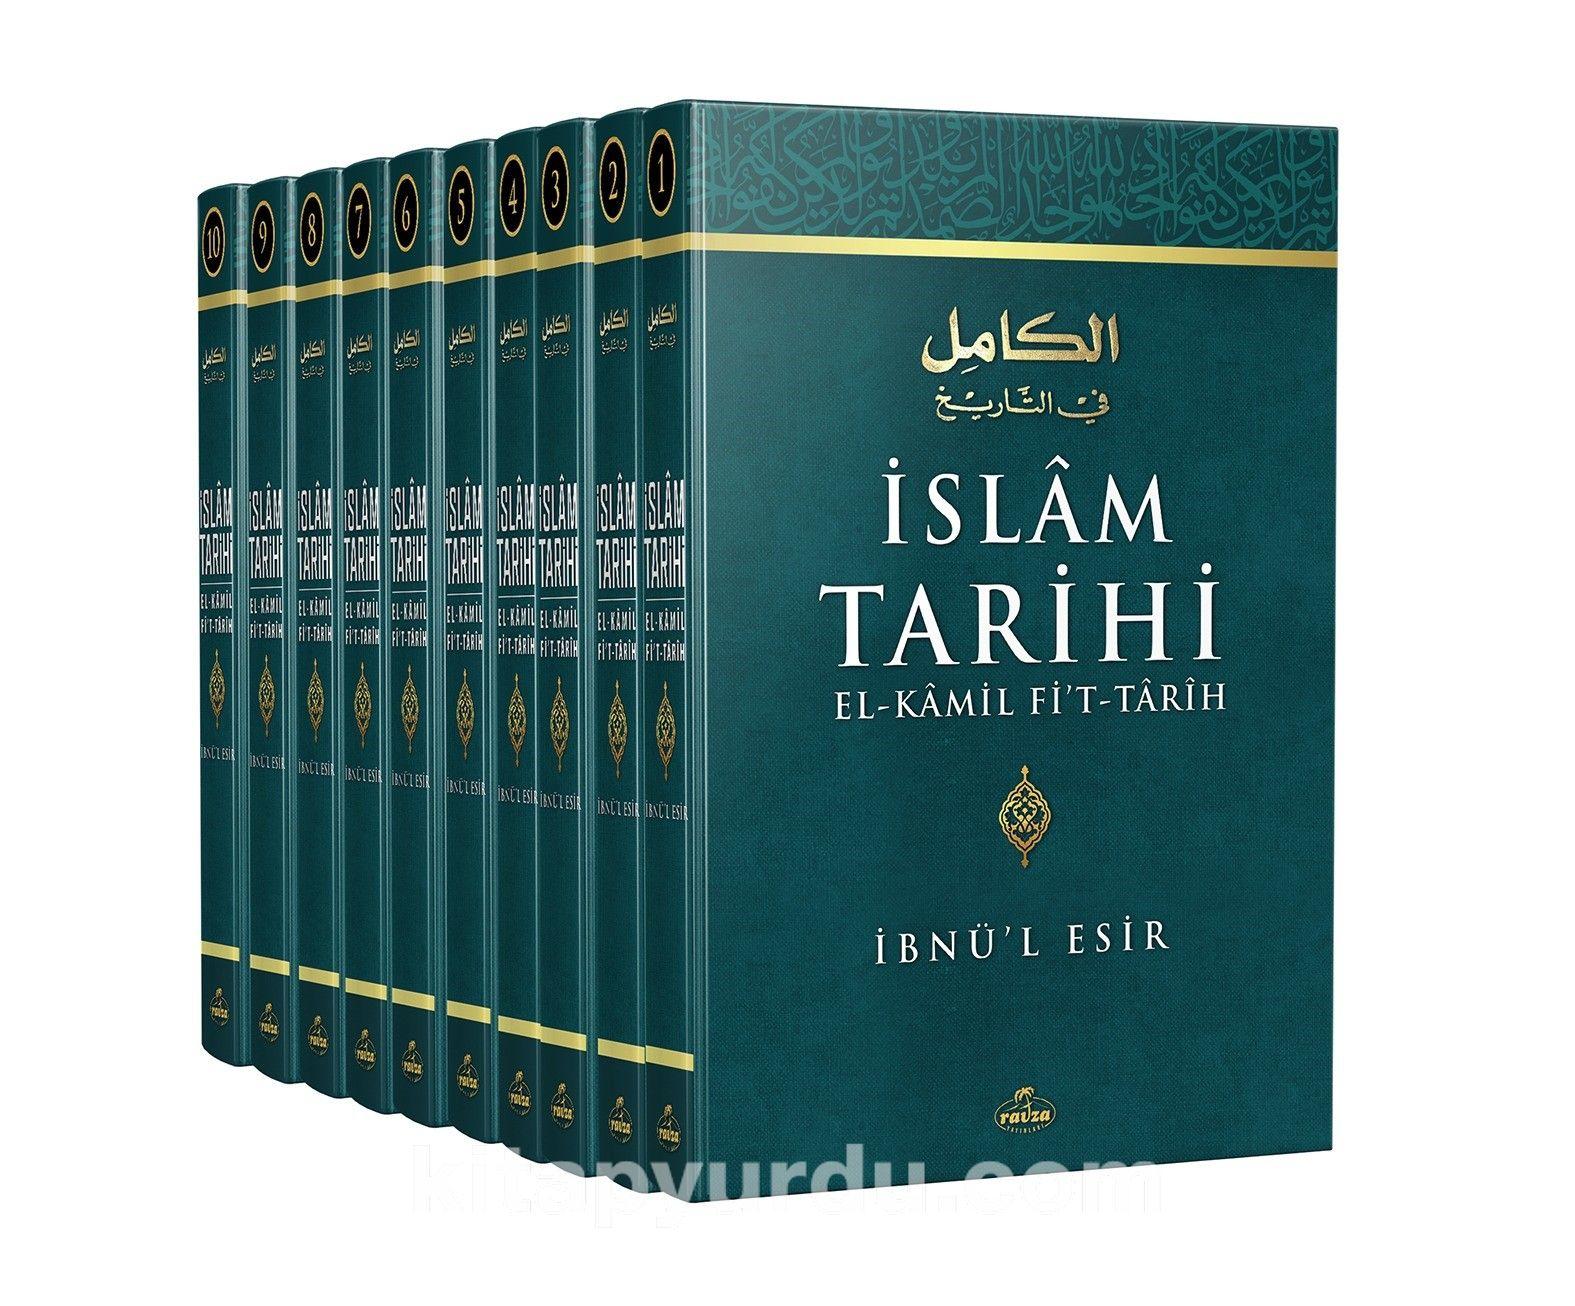 İslam Tarihi El- Kamil Fi't-Tarih Tercümesi (10 Cilt)